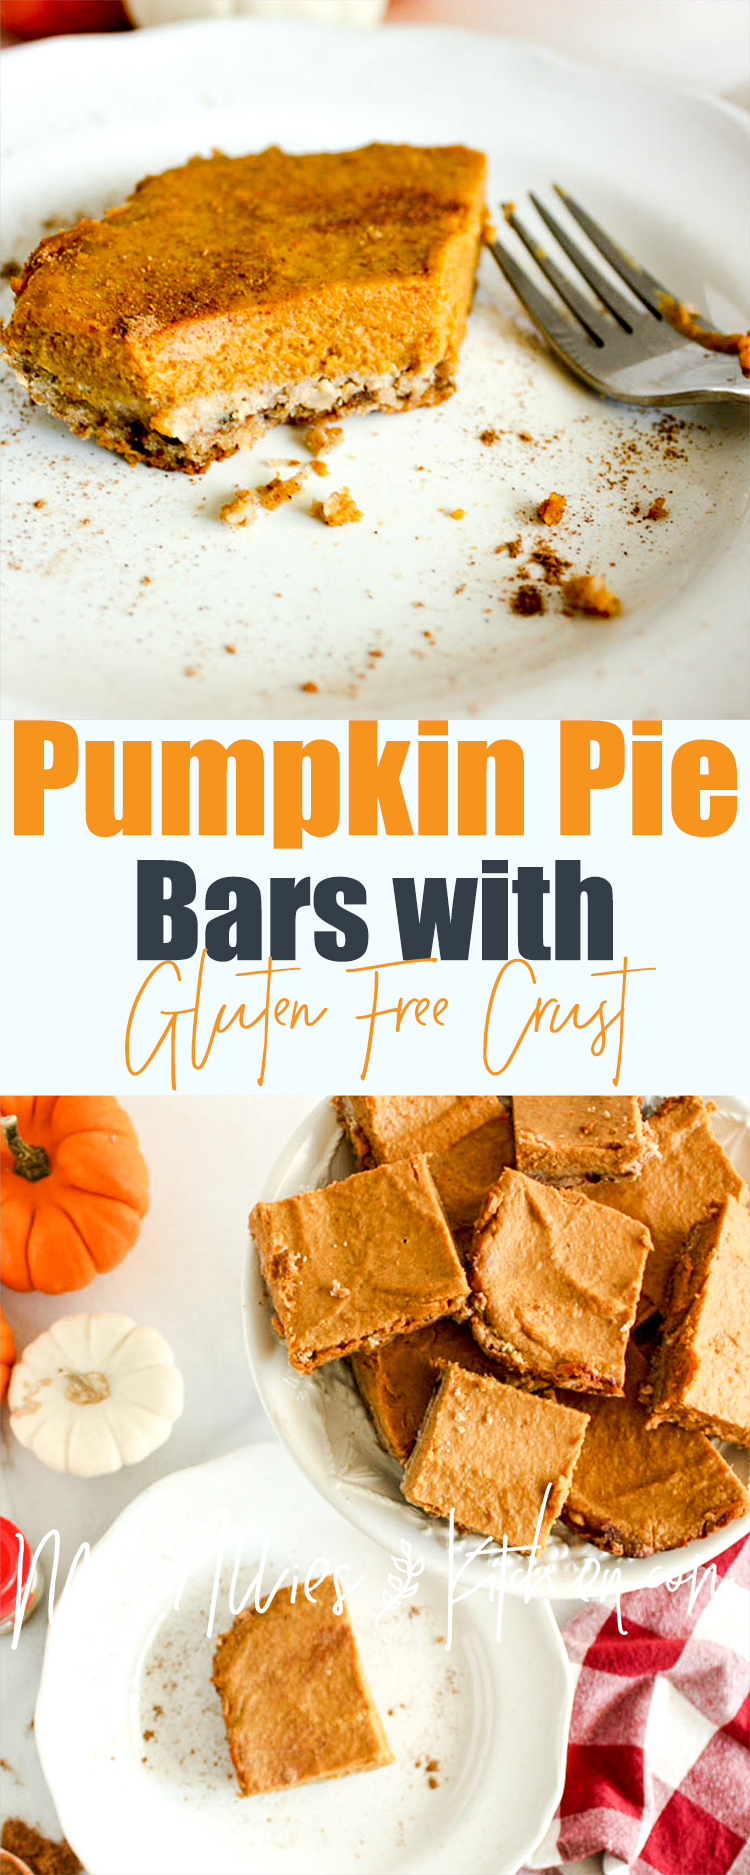 Pumpkin Pie Bars with Gluten Free Oat Crust. Get the healthier pumpkin pie alternative!